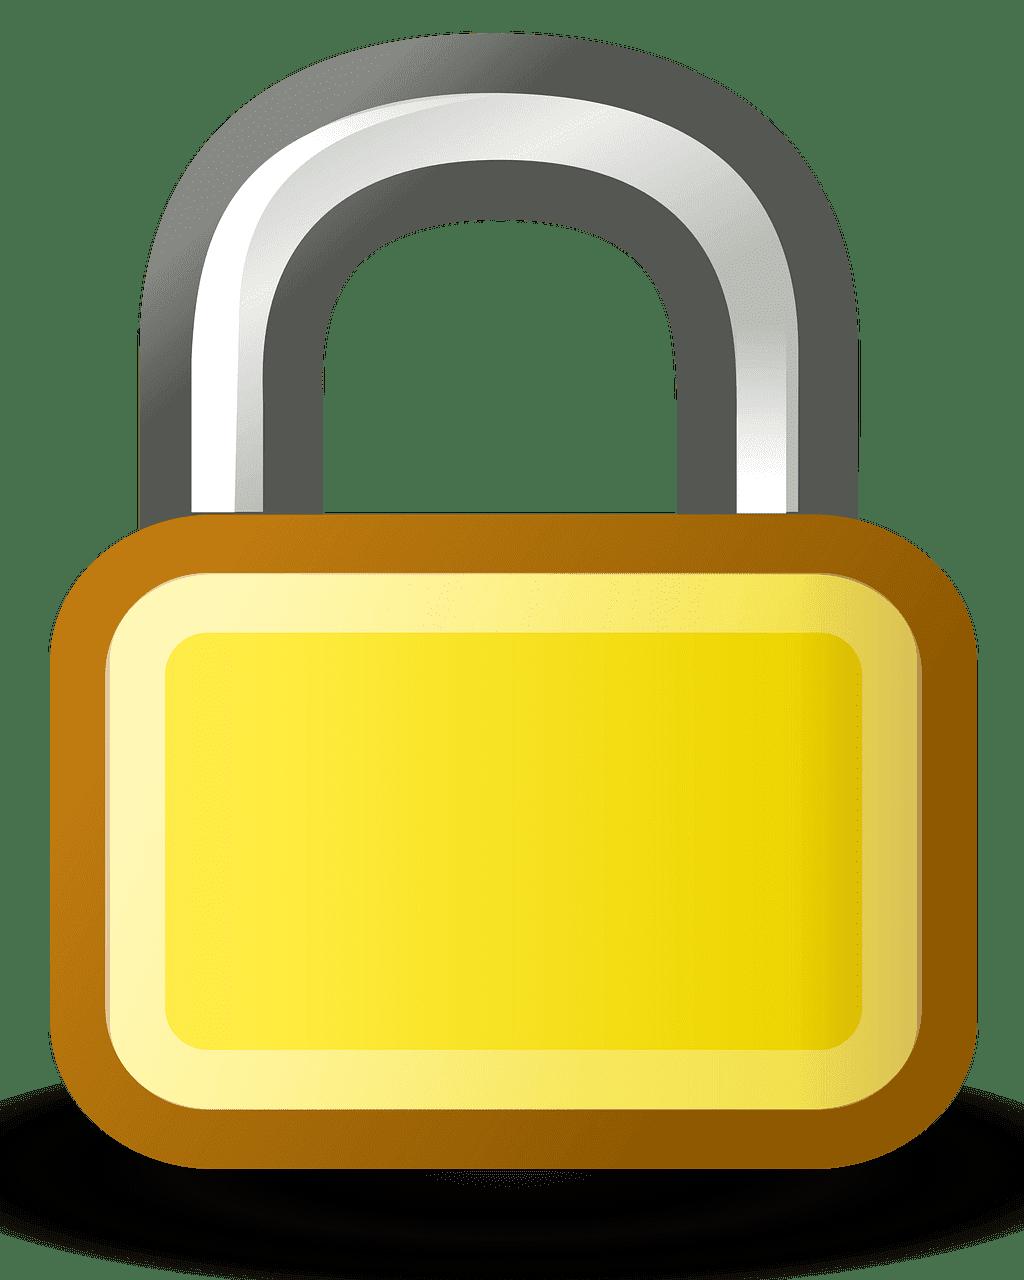 Lock clipart transparent 11